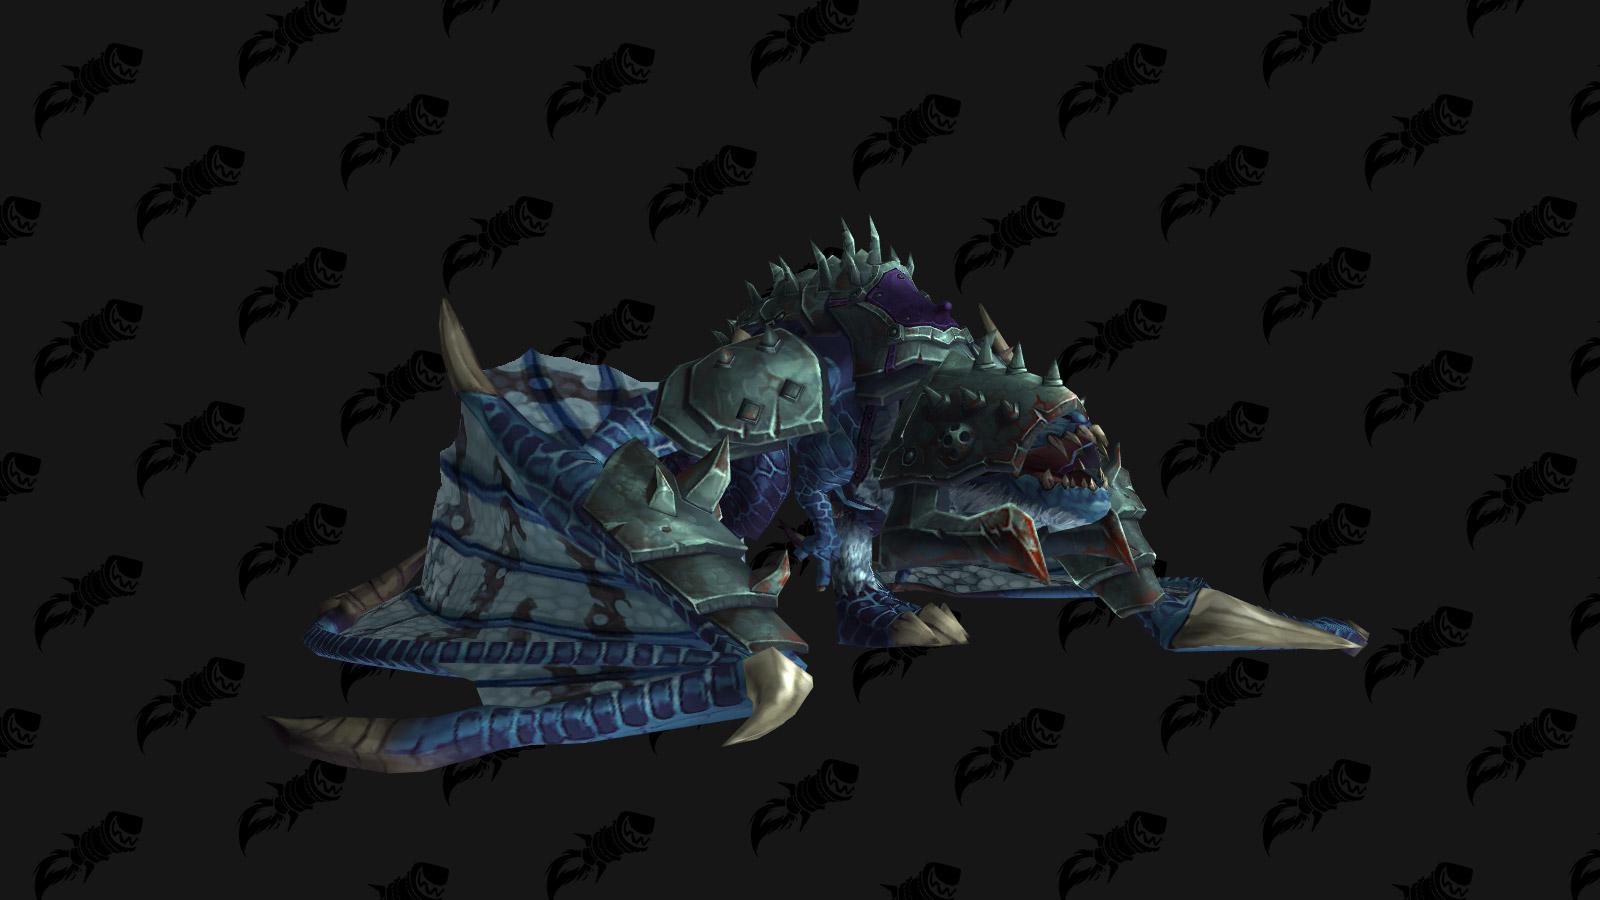 La monture Proto-drake du gladiateur sinistre est une monture PVP de l'extension Battle for Azeroth